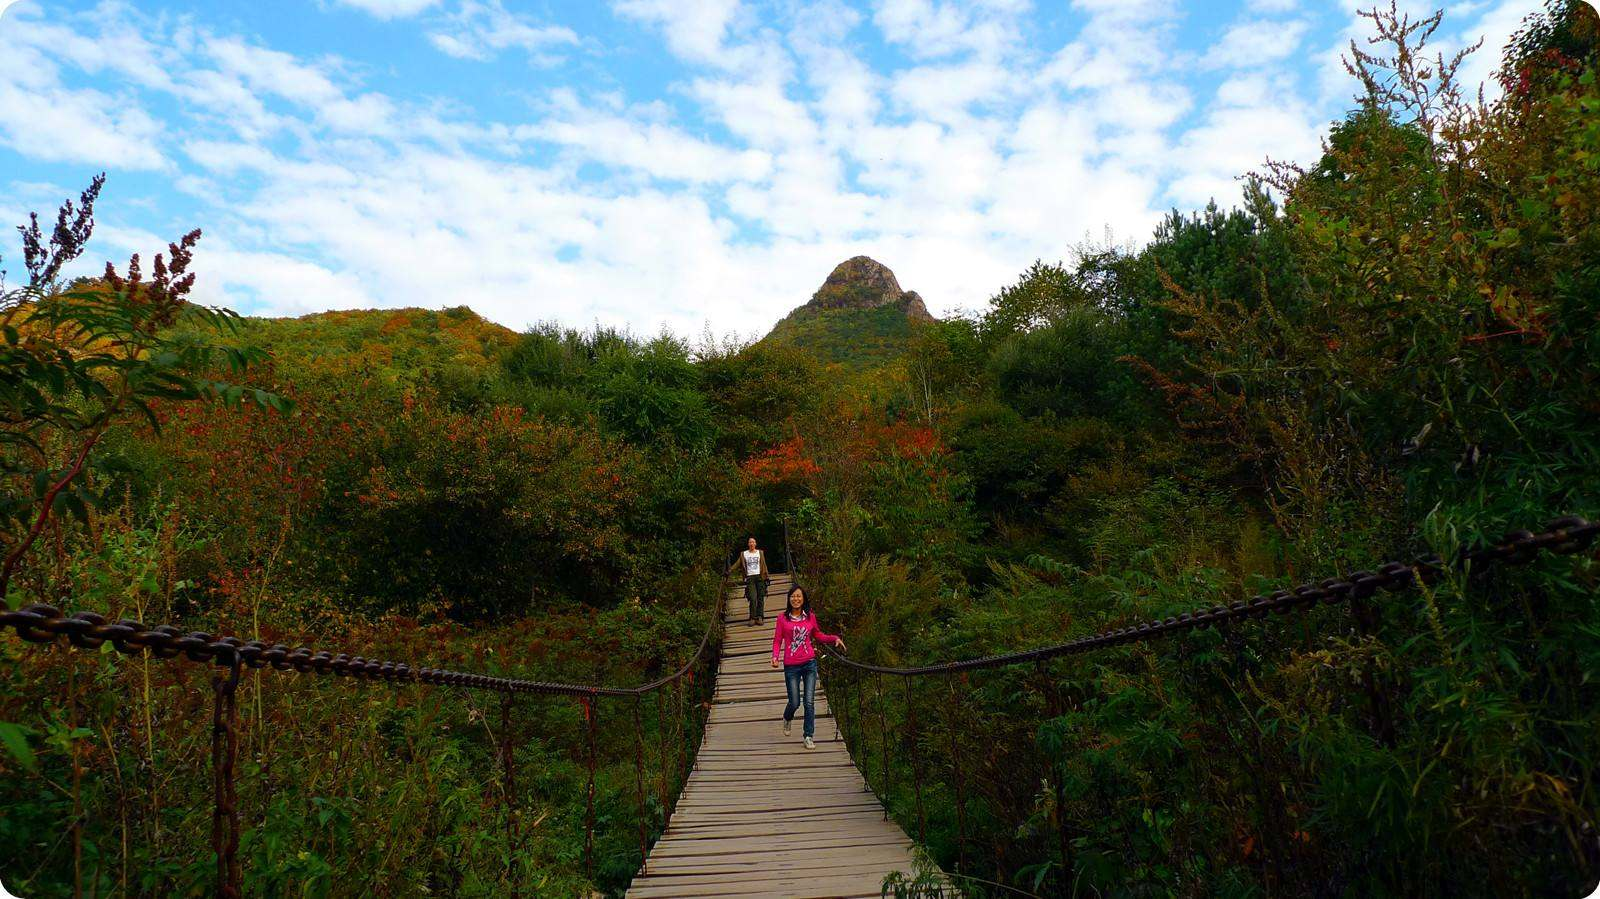 登顶壮丽帽儿山,感受漫山遍野的天然美景